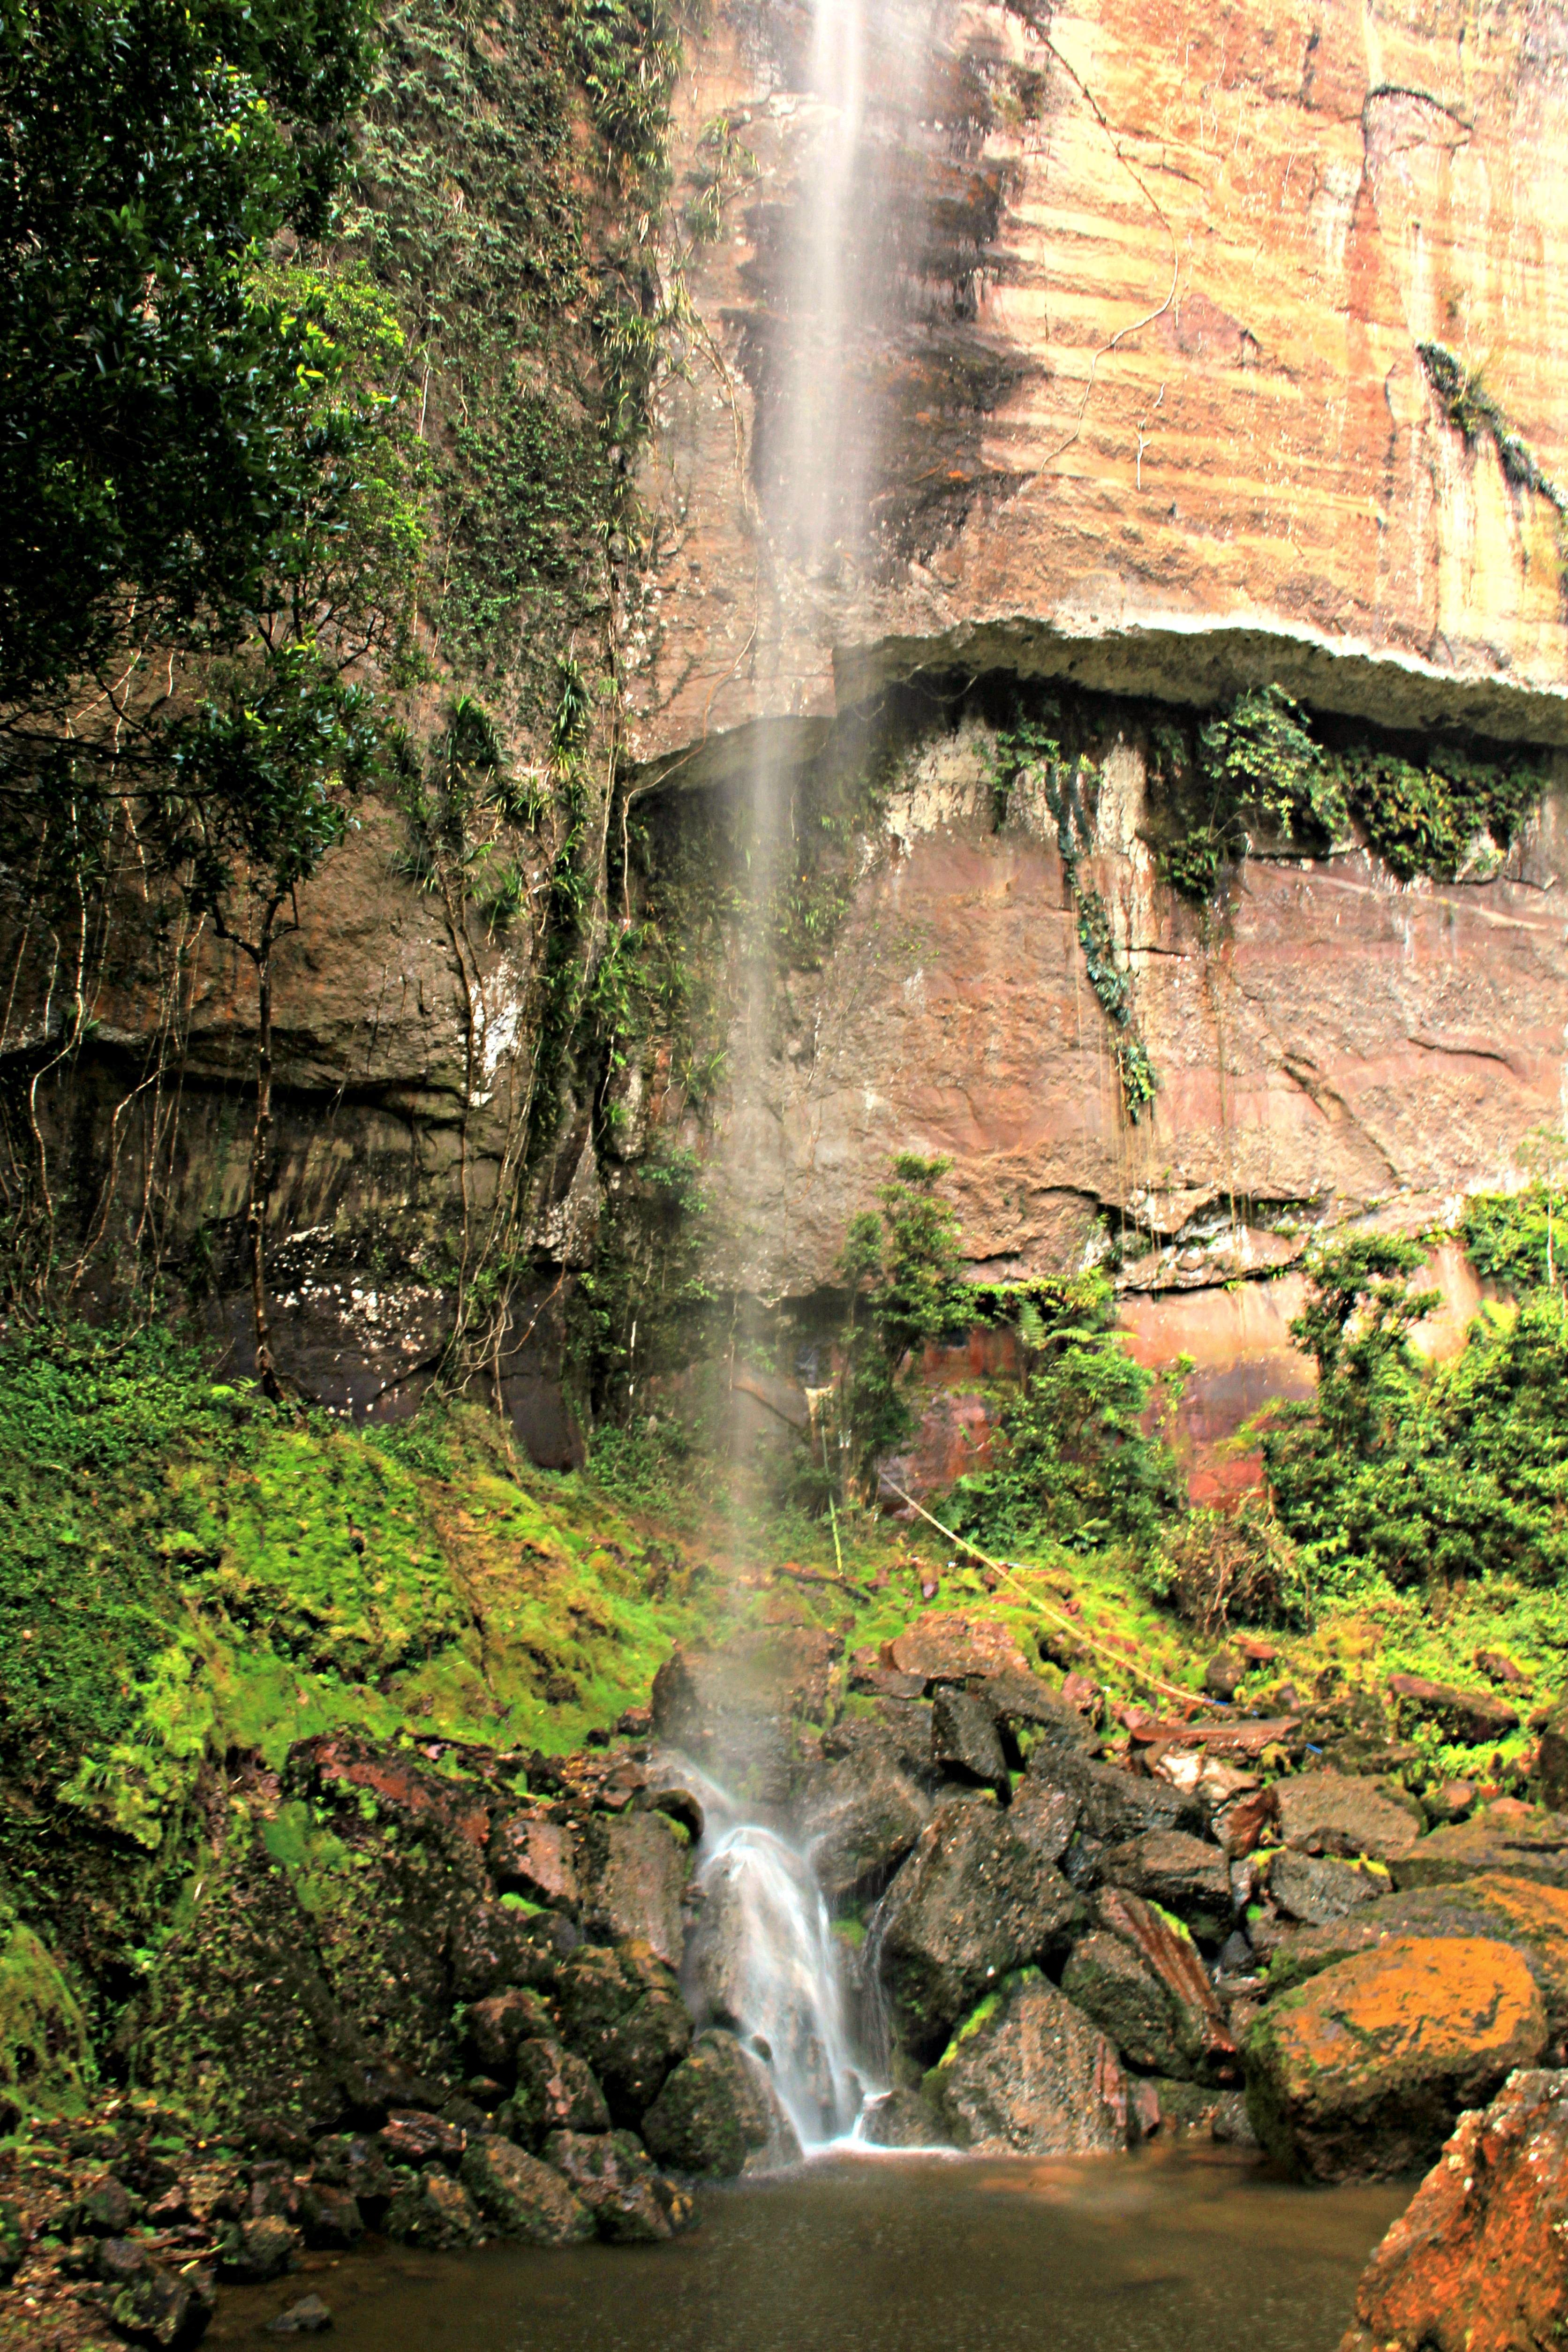 Waterfall nearby Sianok Canyon. Photo by Ovidiu Balaj